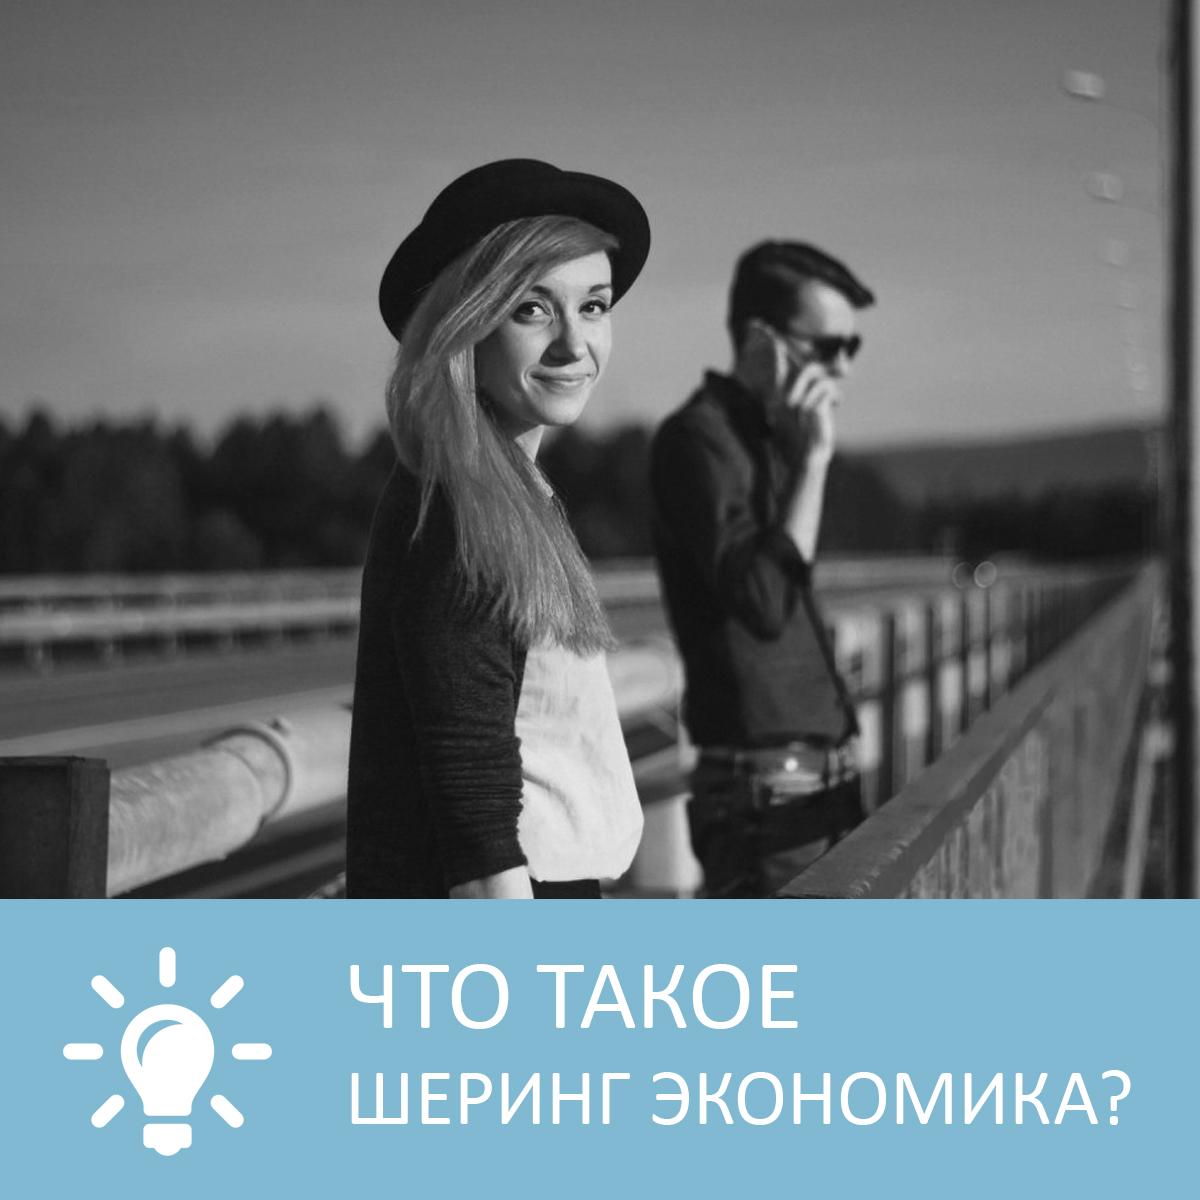 Петровна Что такое шеринг экономика или экономика совместного потребления экономика